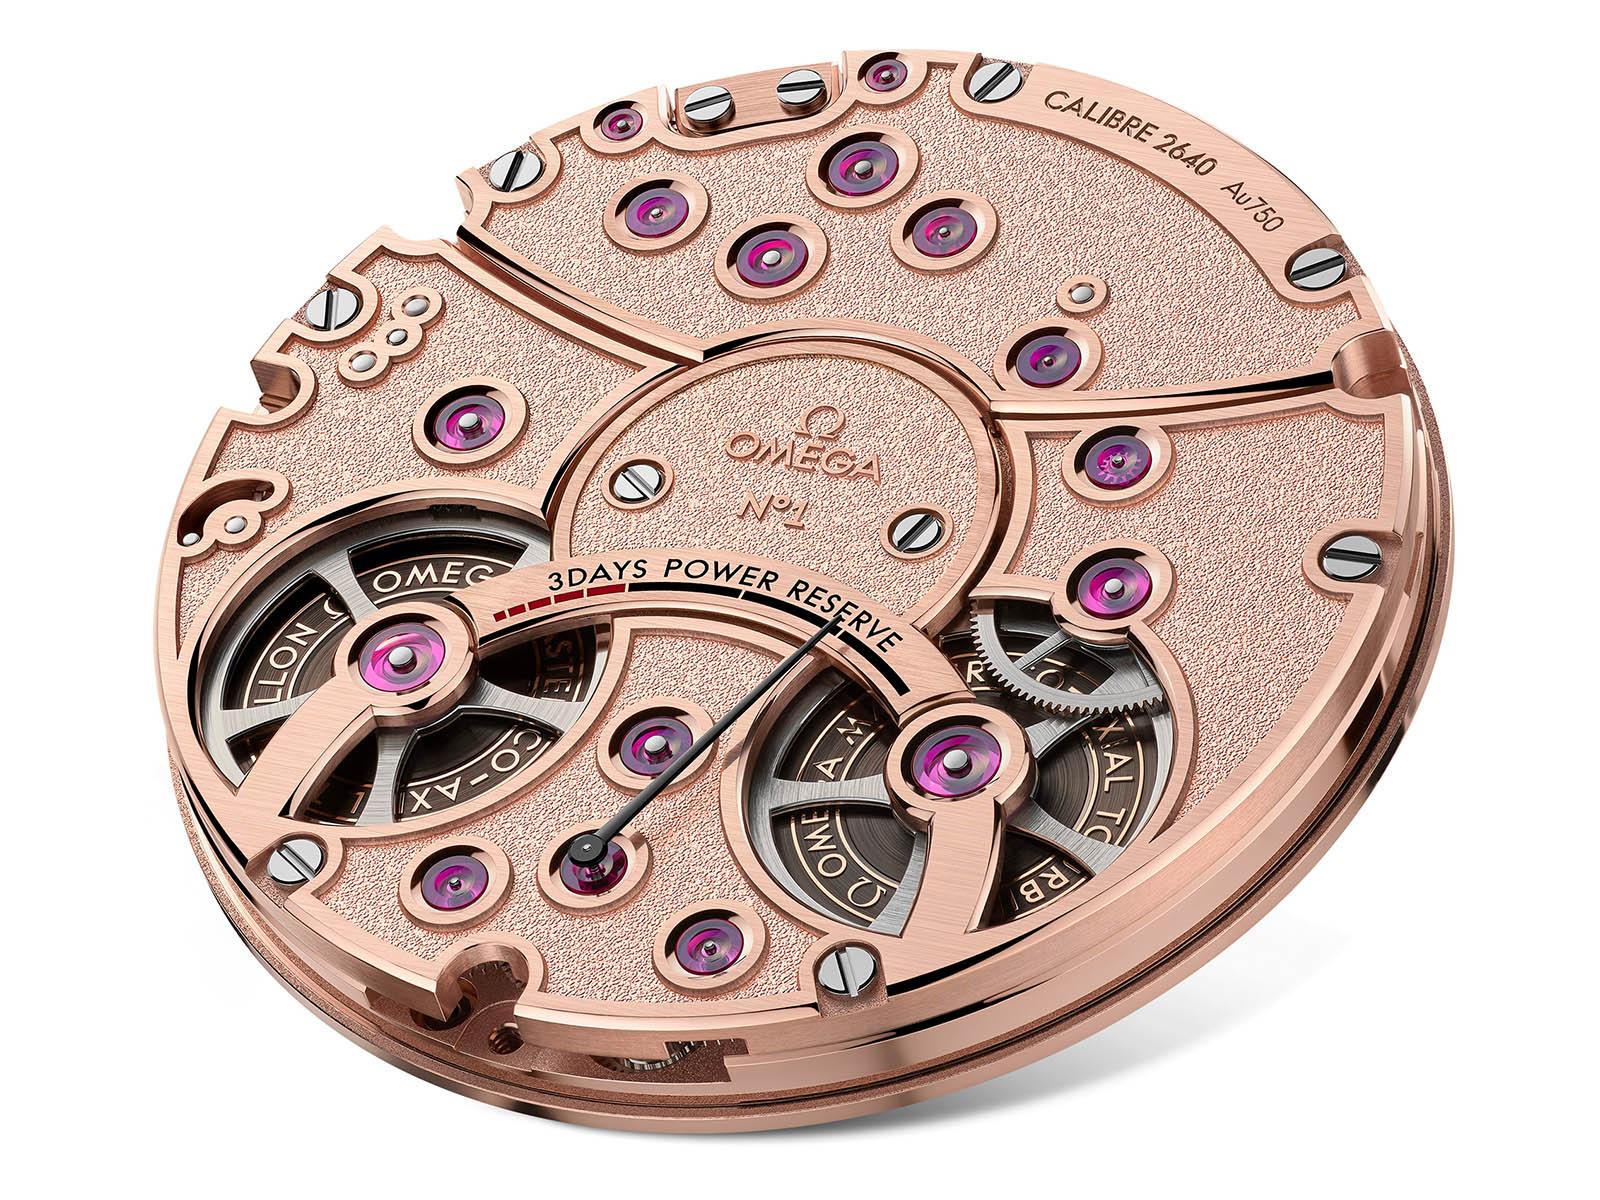 529-53-43-22-01-001-omega-de-ville-tourbillon-co-axial-master-chronometer-6.jpg